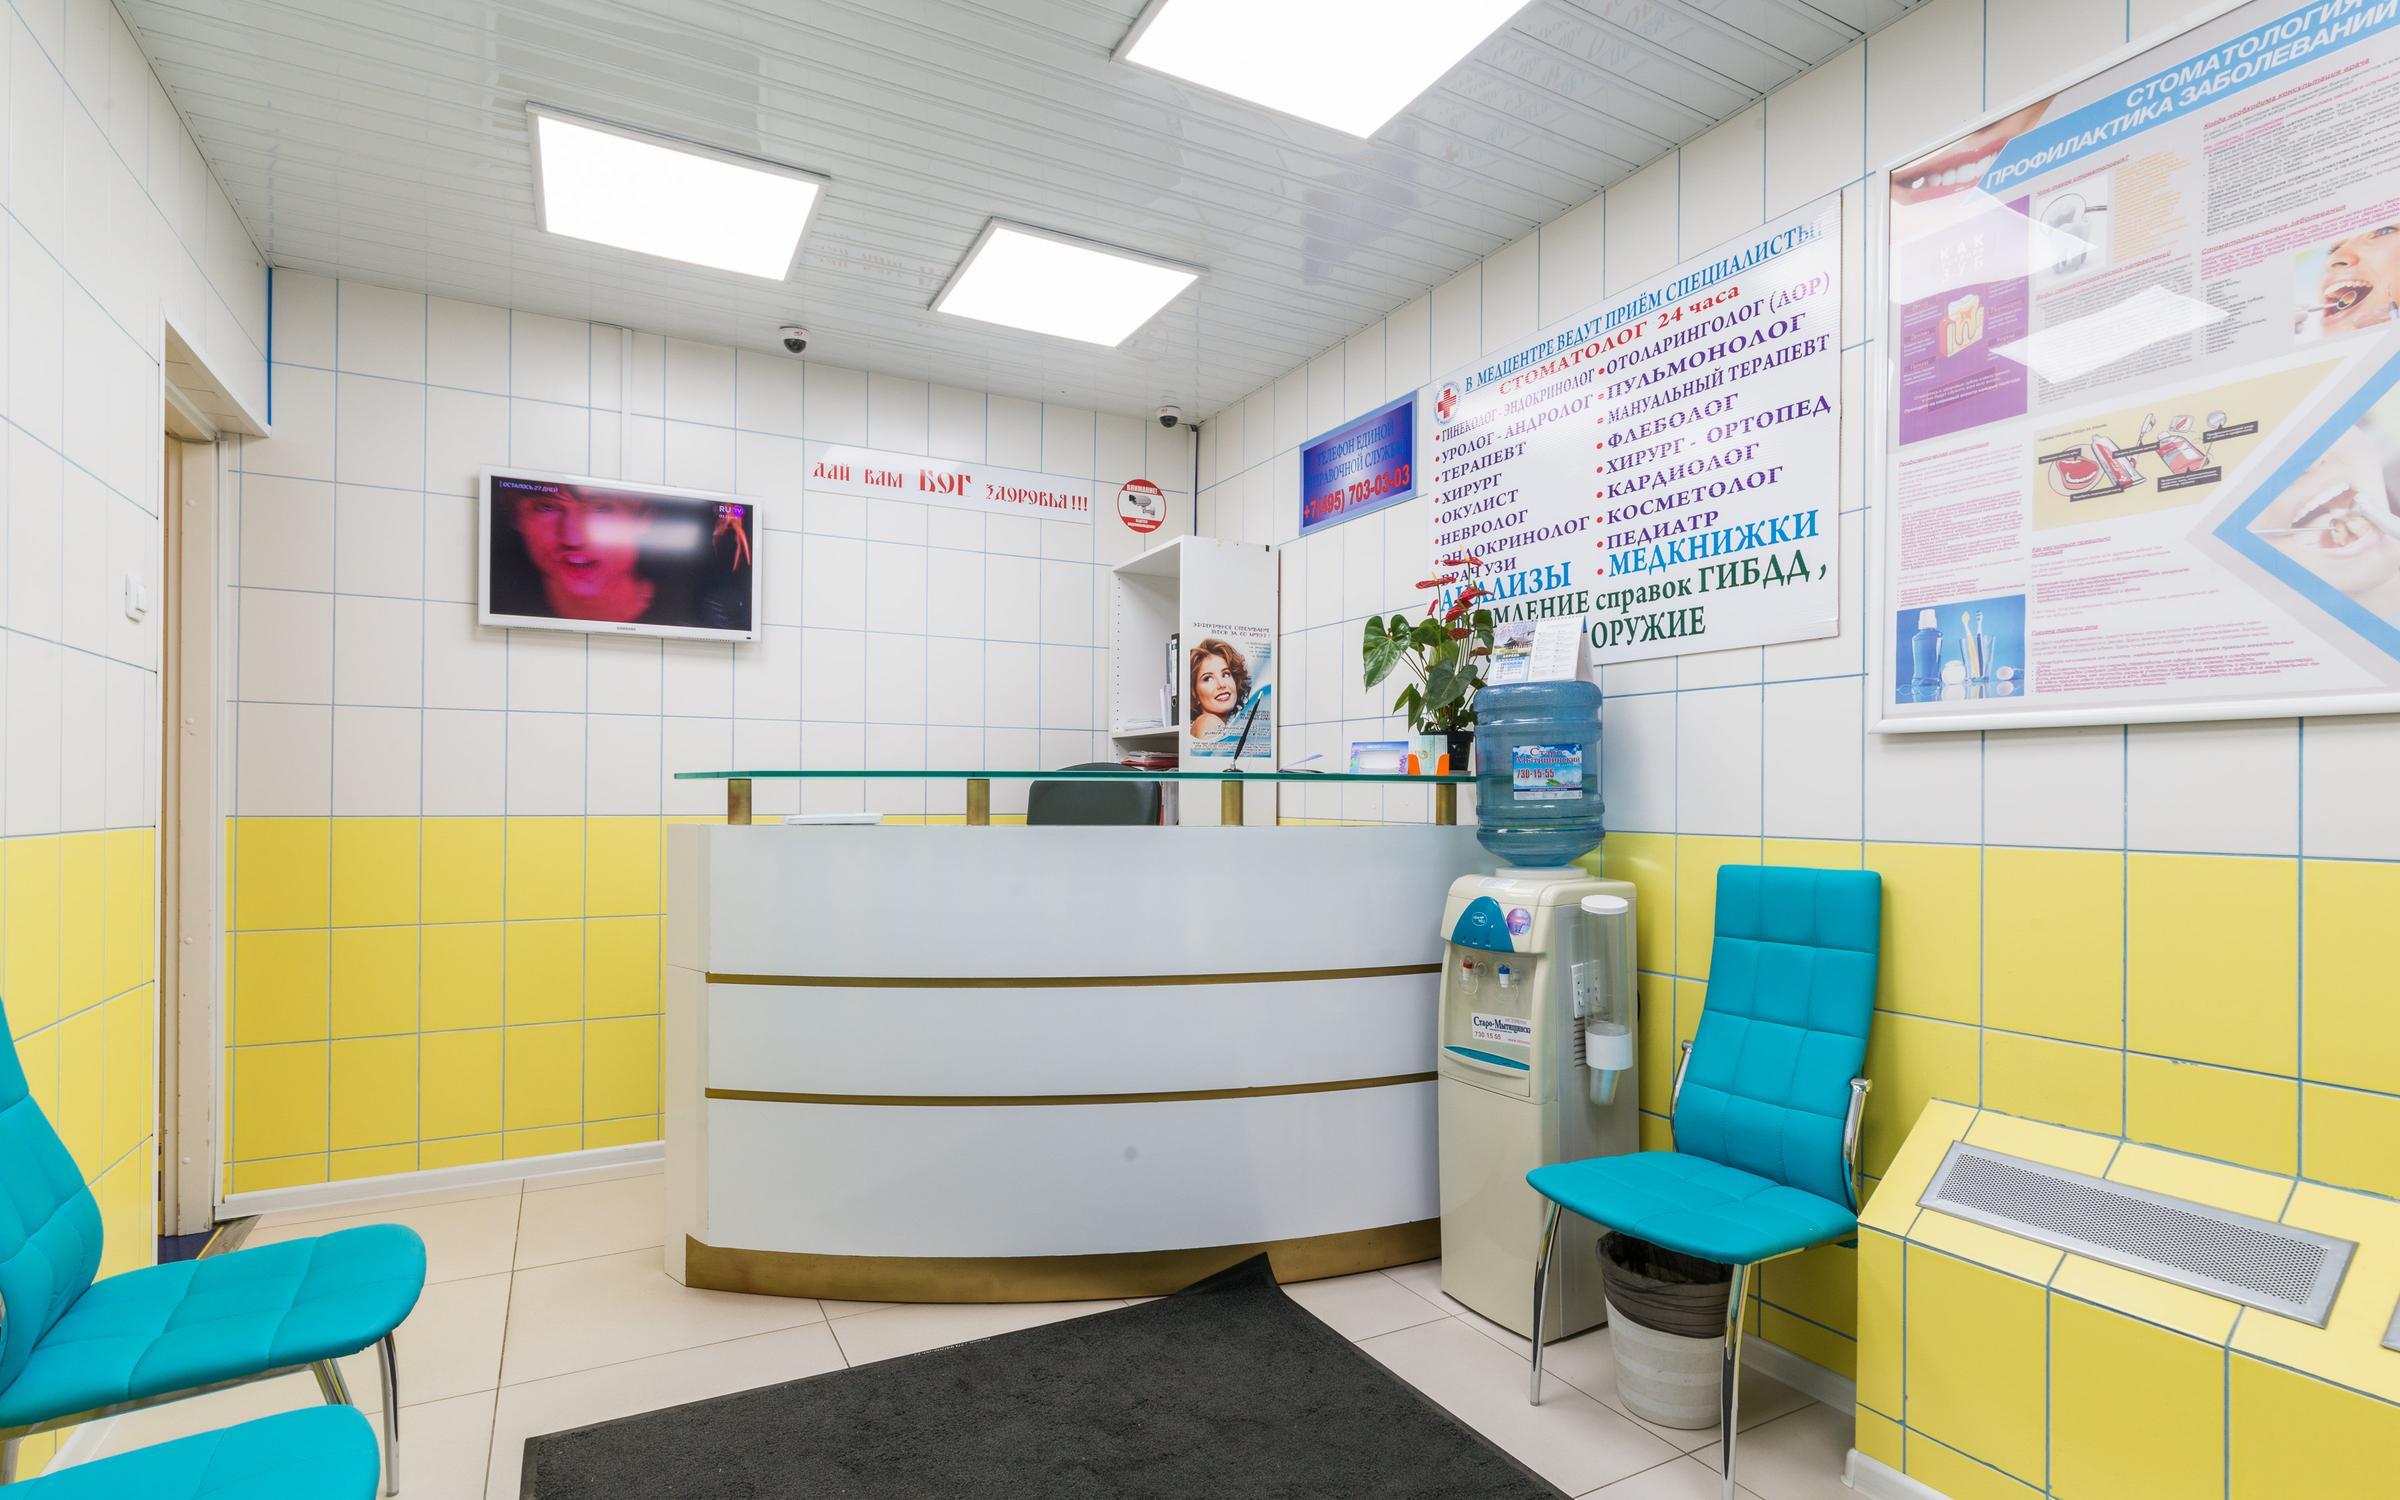 фотография Медицинской клиники GoldenMed в Люберцах